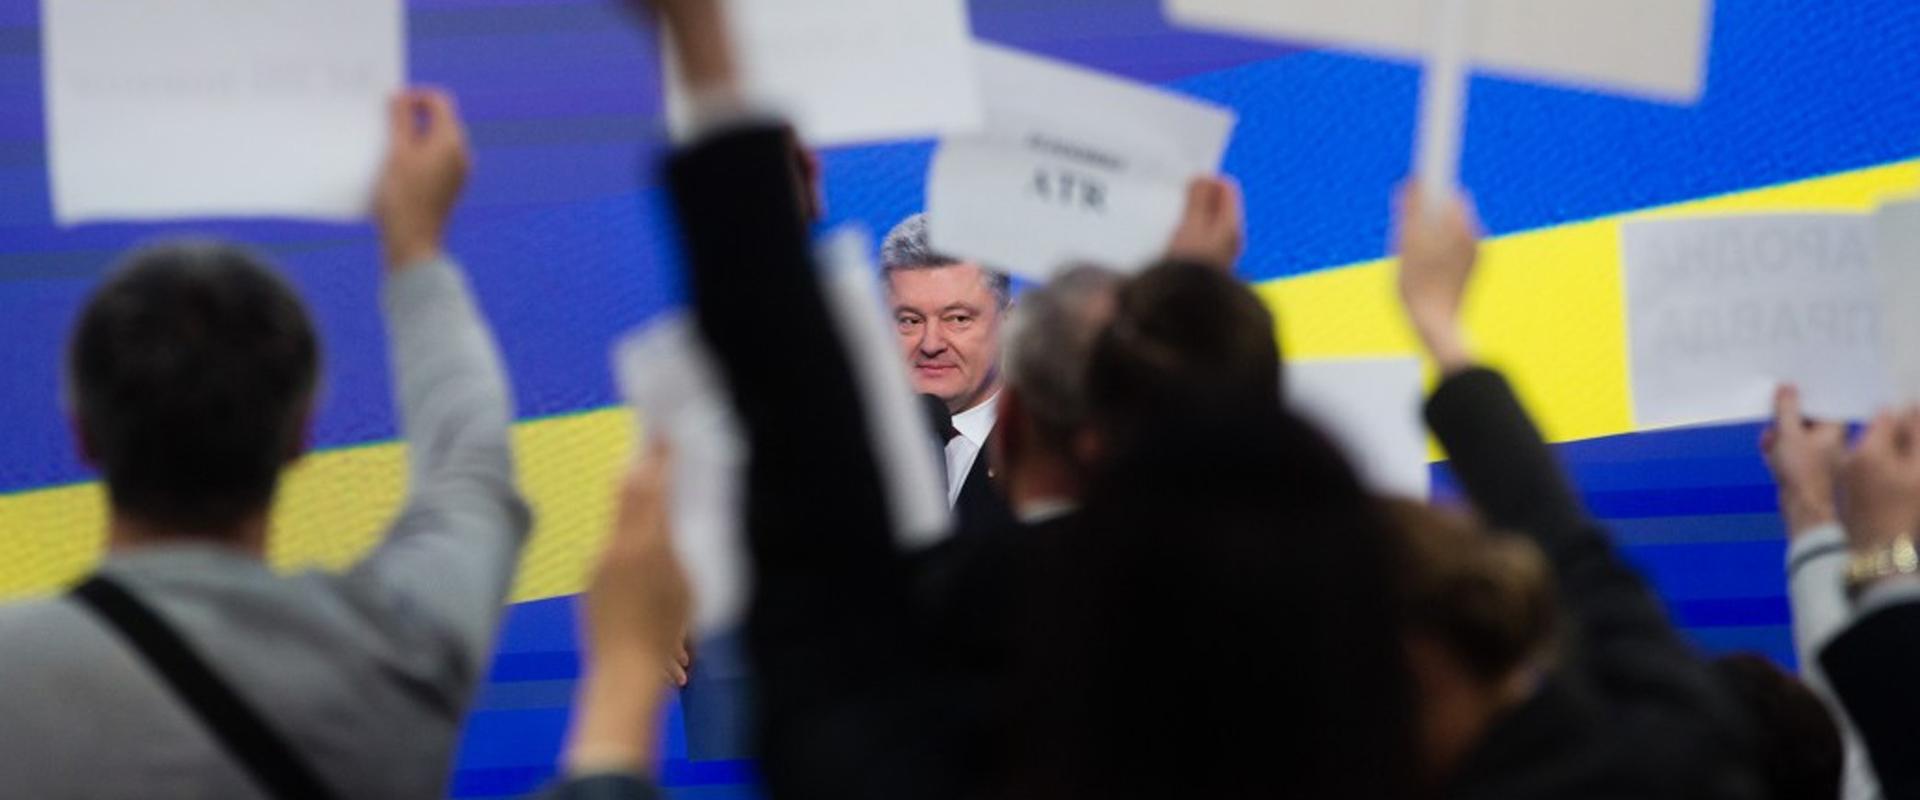 Чотири роки з президентом Порошенком: перемоги, виклики та зради в українських ЗМІ